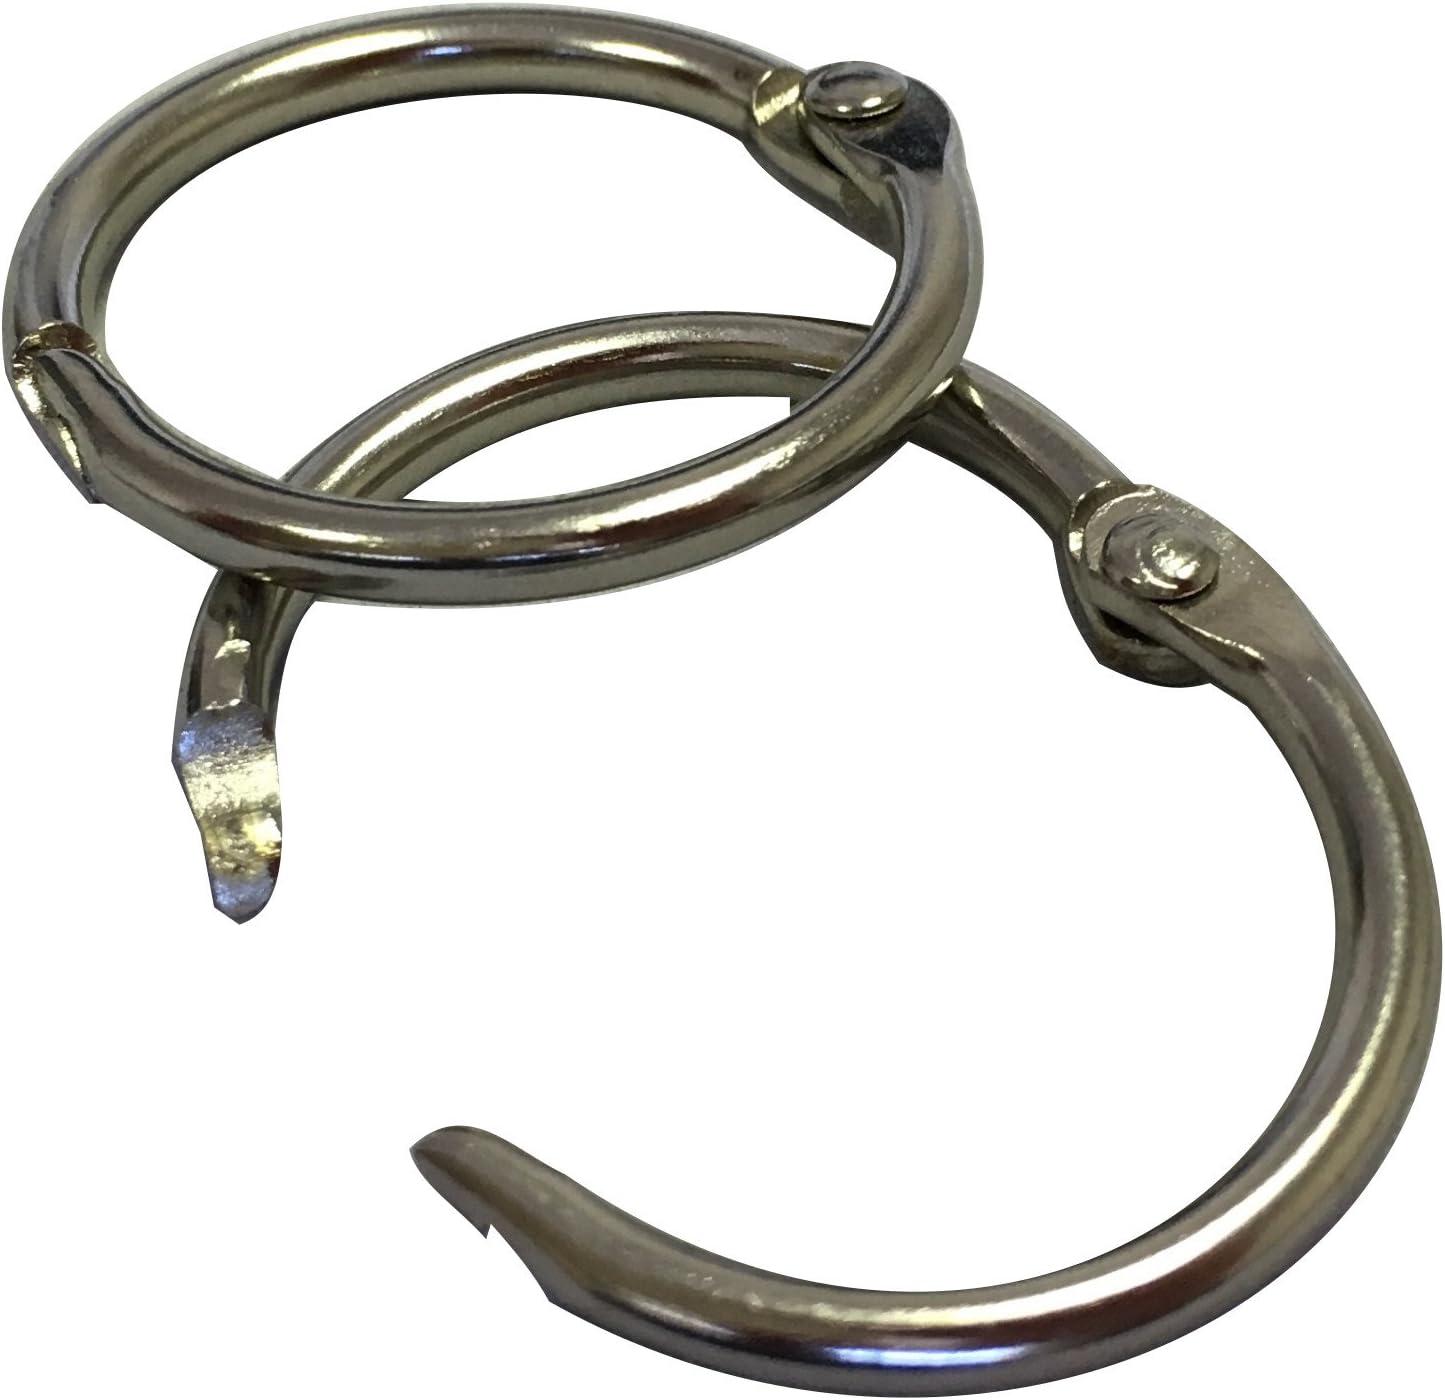 Loose Leaf Binder Rings Silver 50mm 25 Pack Capacity 2 Inch